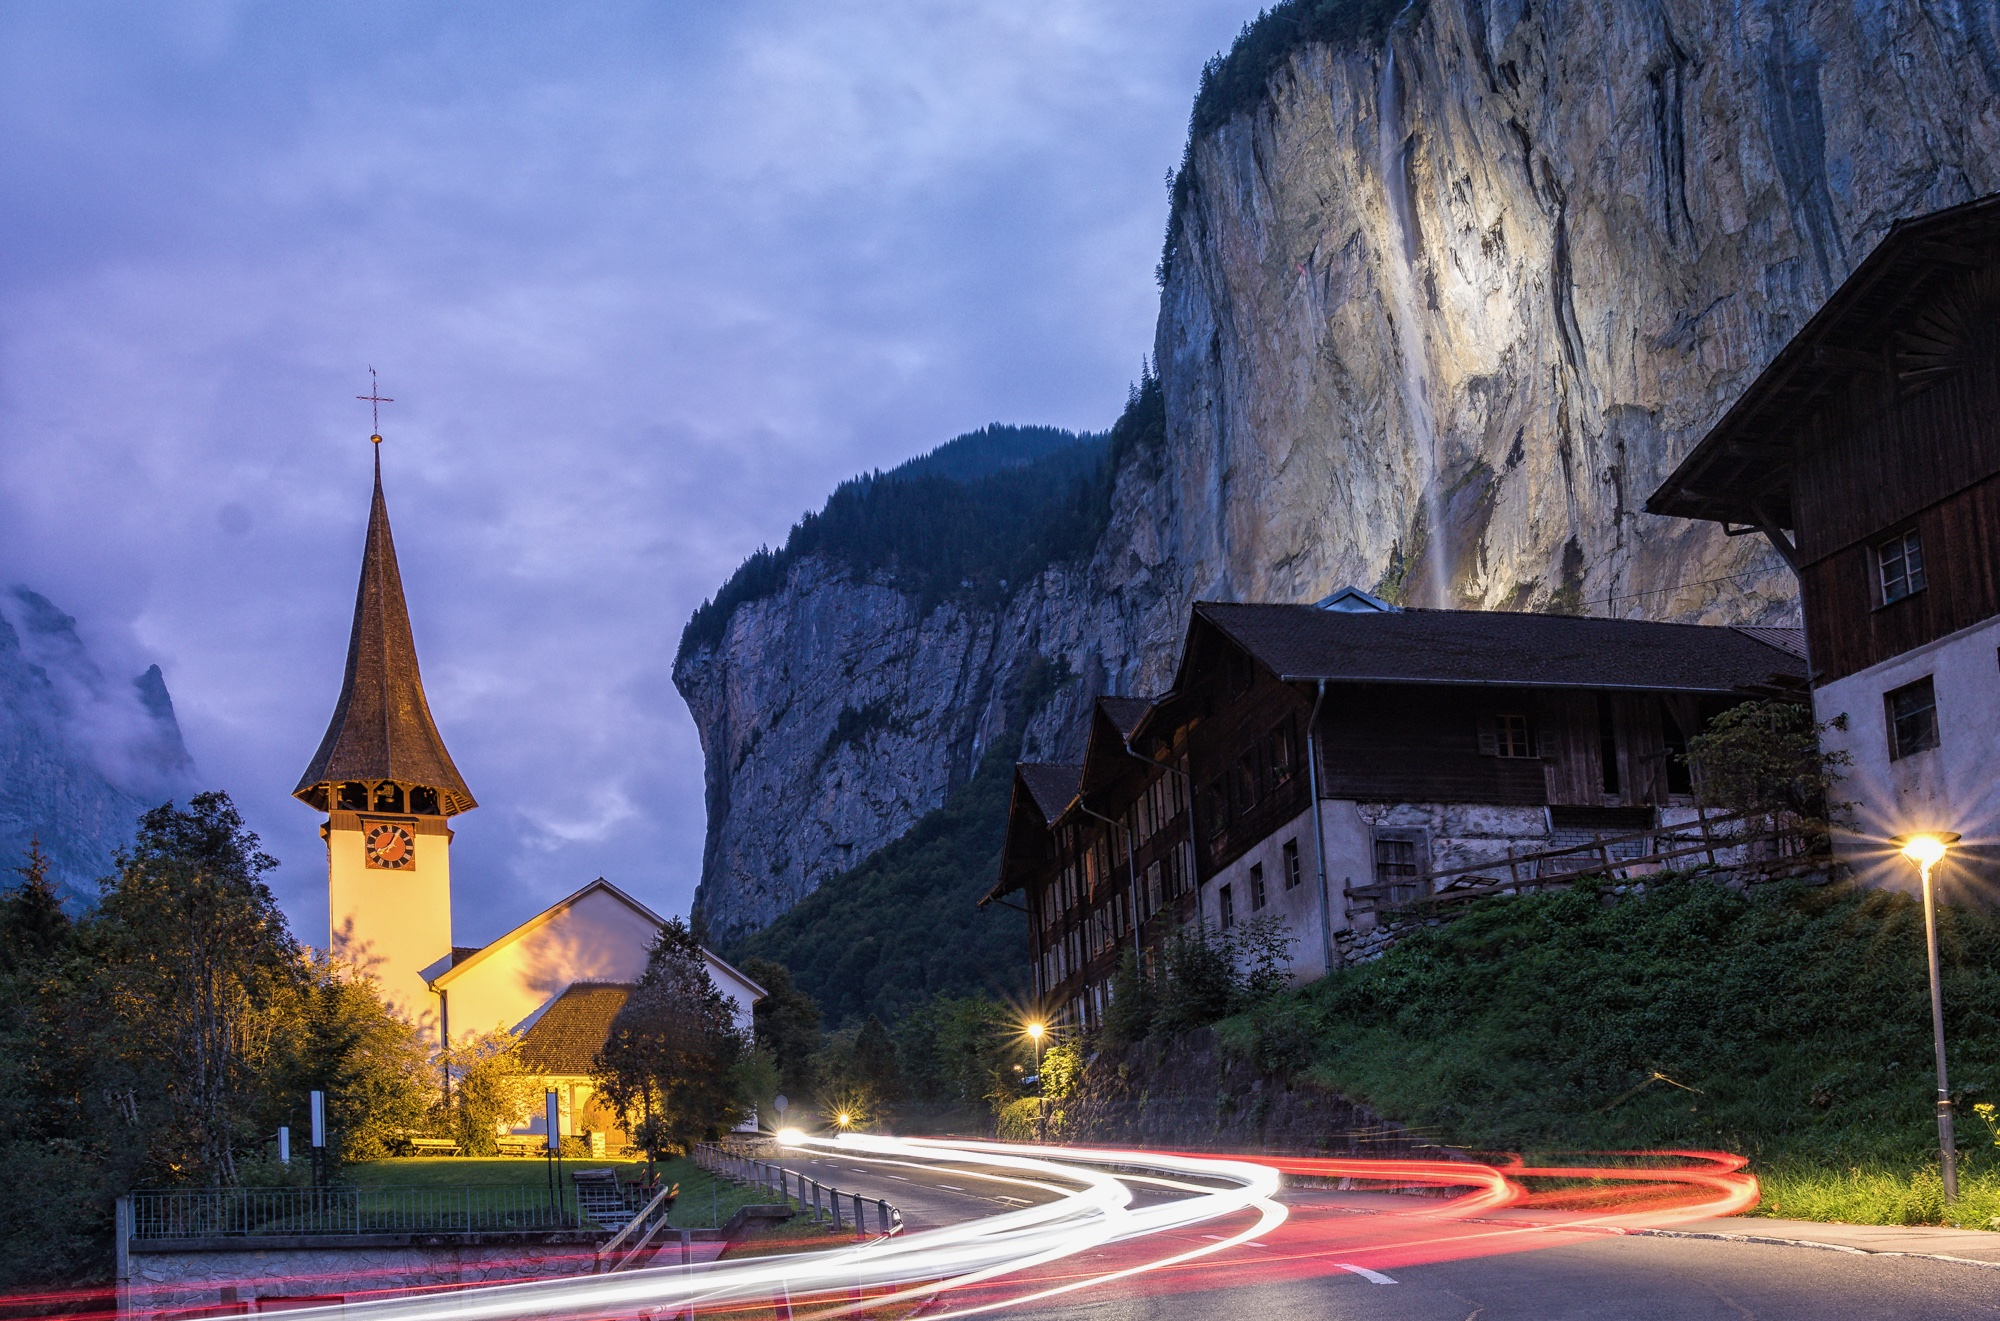 Kirche Lauterbrunnen, Switzerland